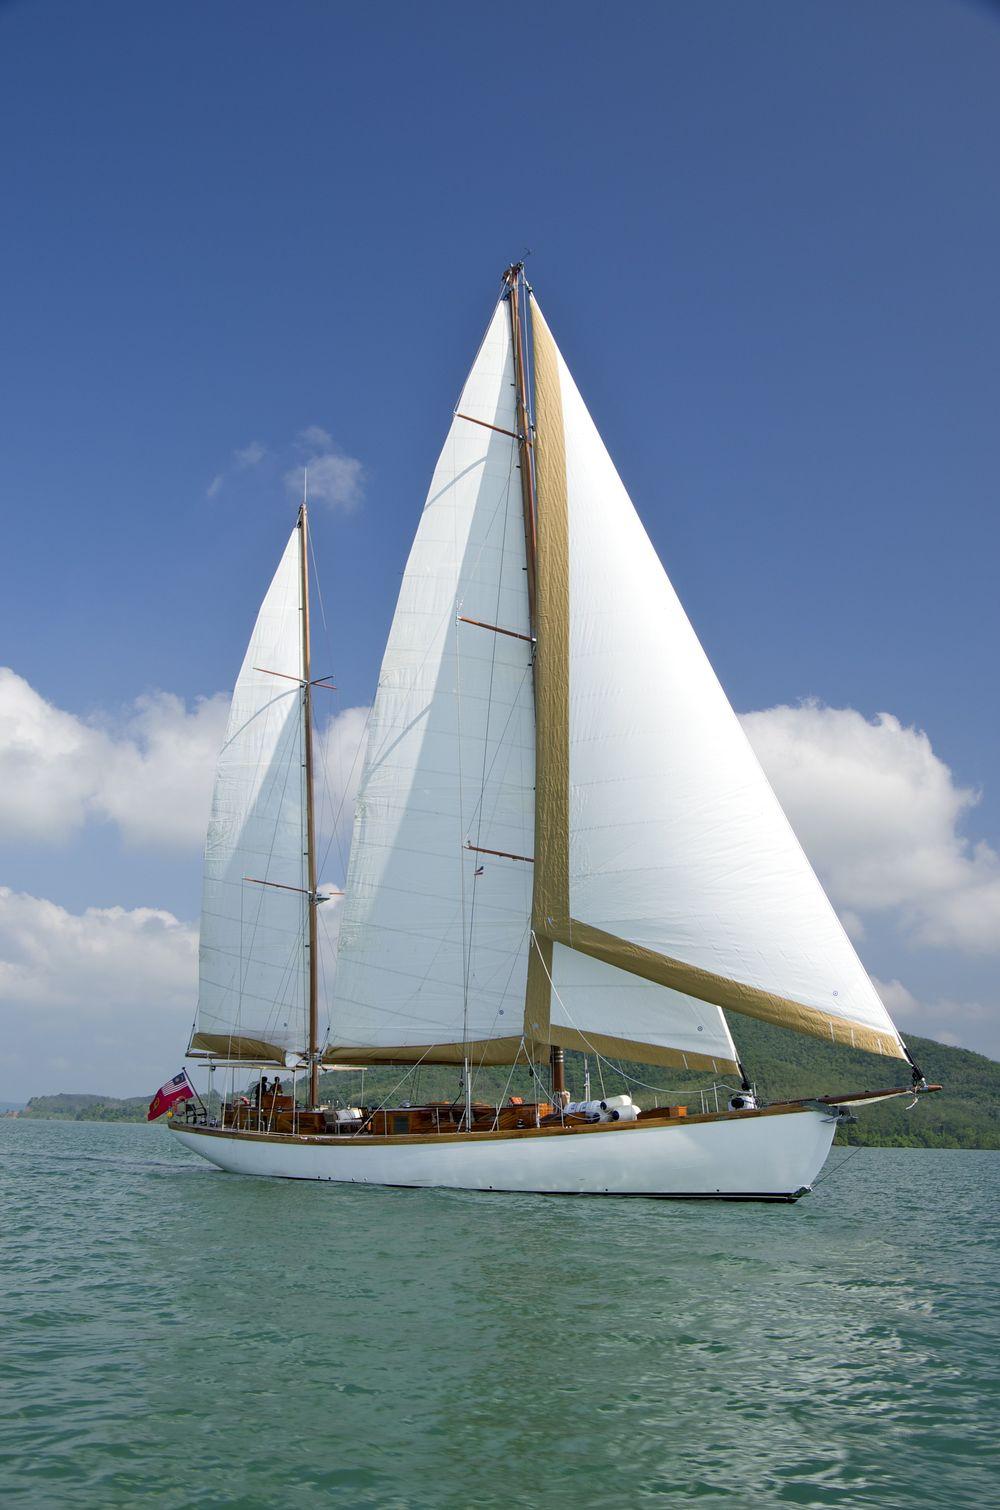 Aventure under full sails